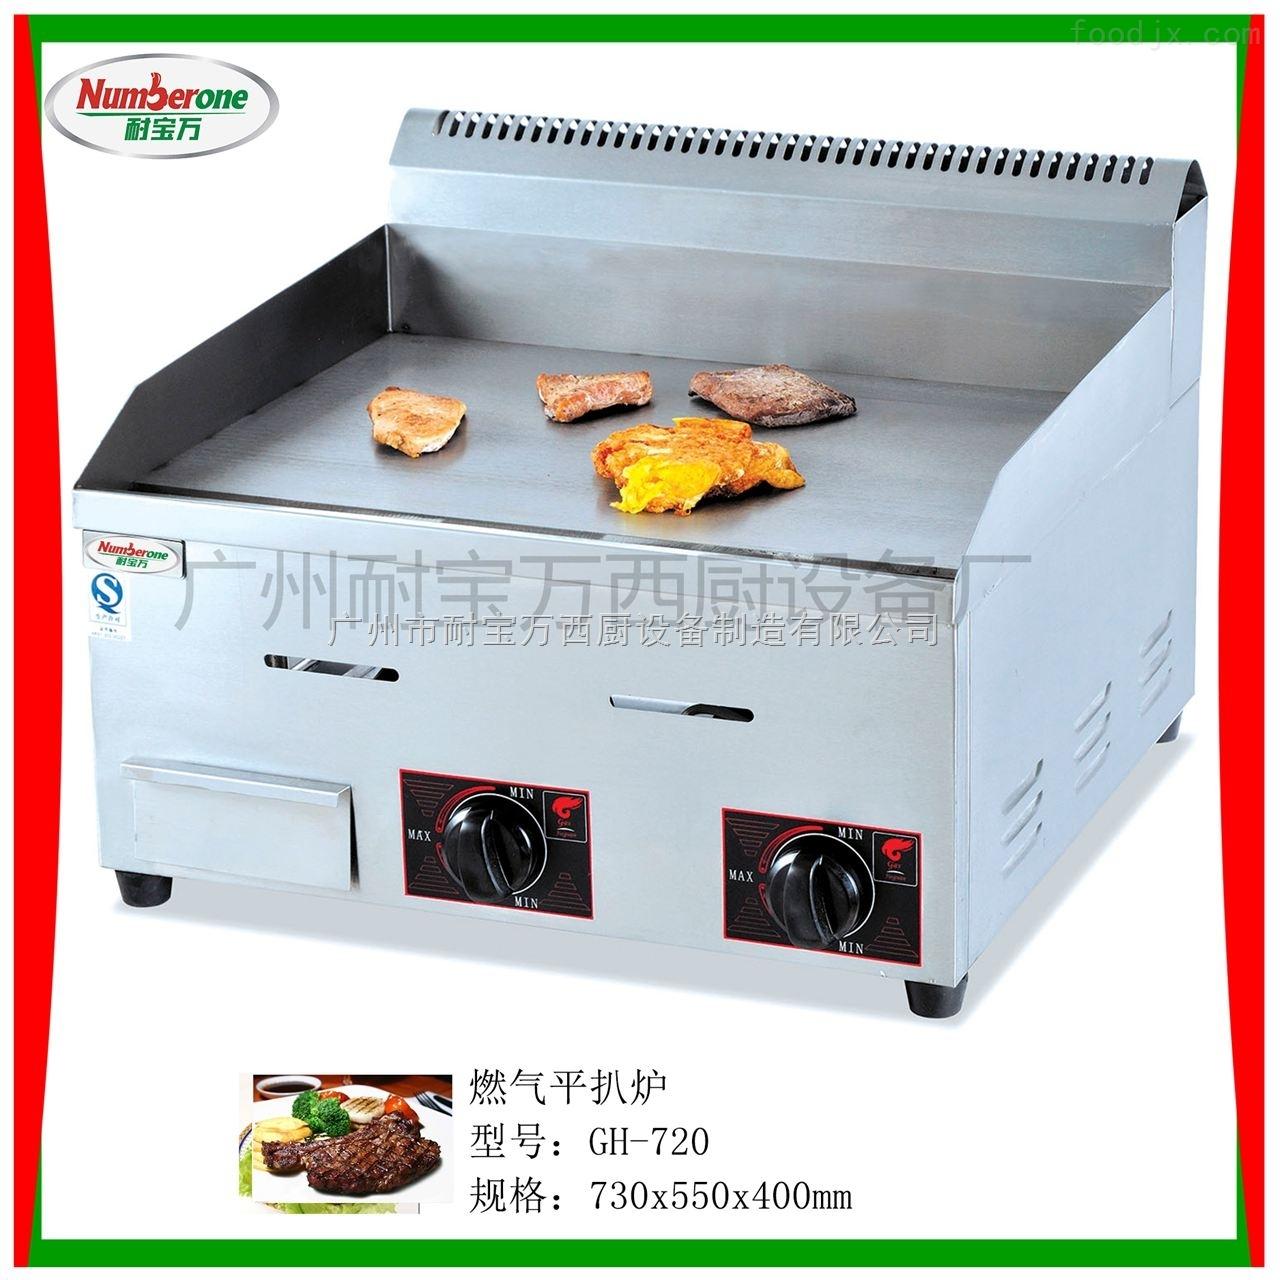 燃气平扒炉/炸炉/小吃设备/铁板烧/手抓饼机